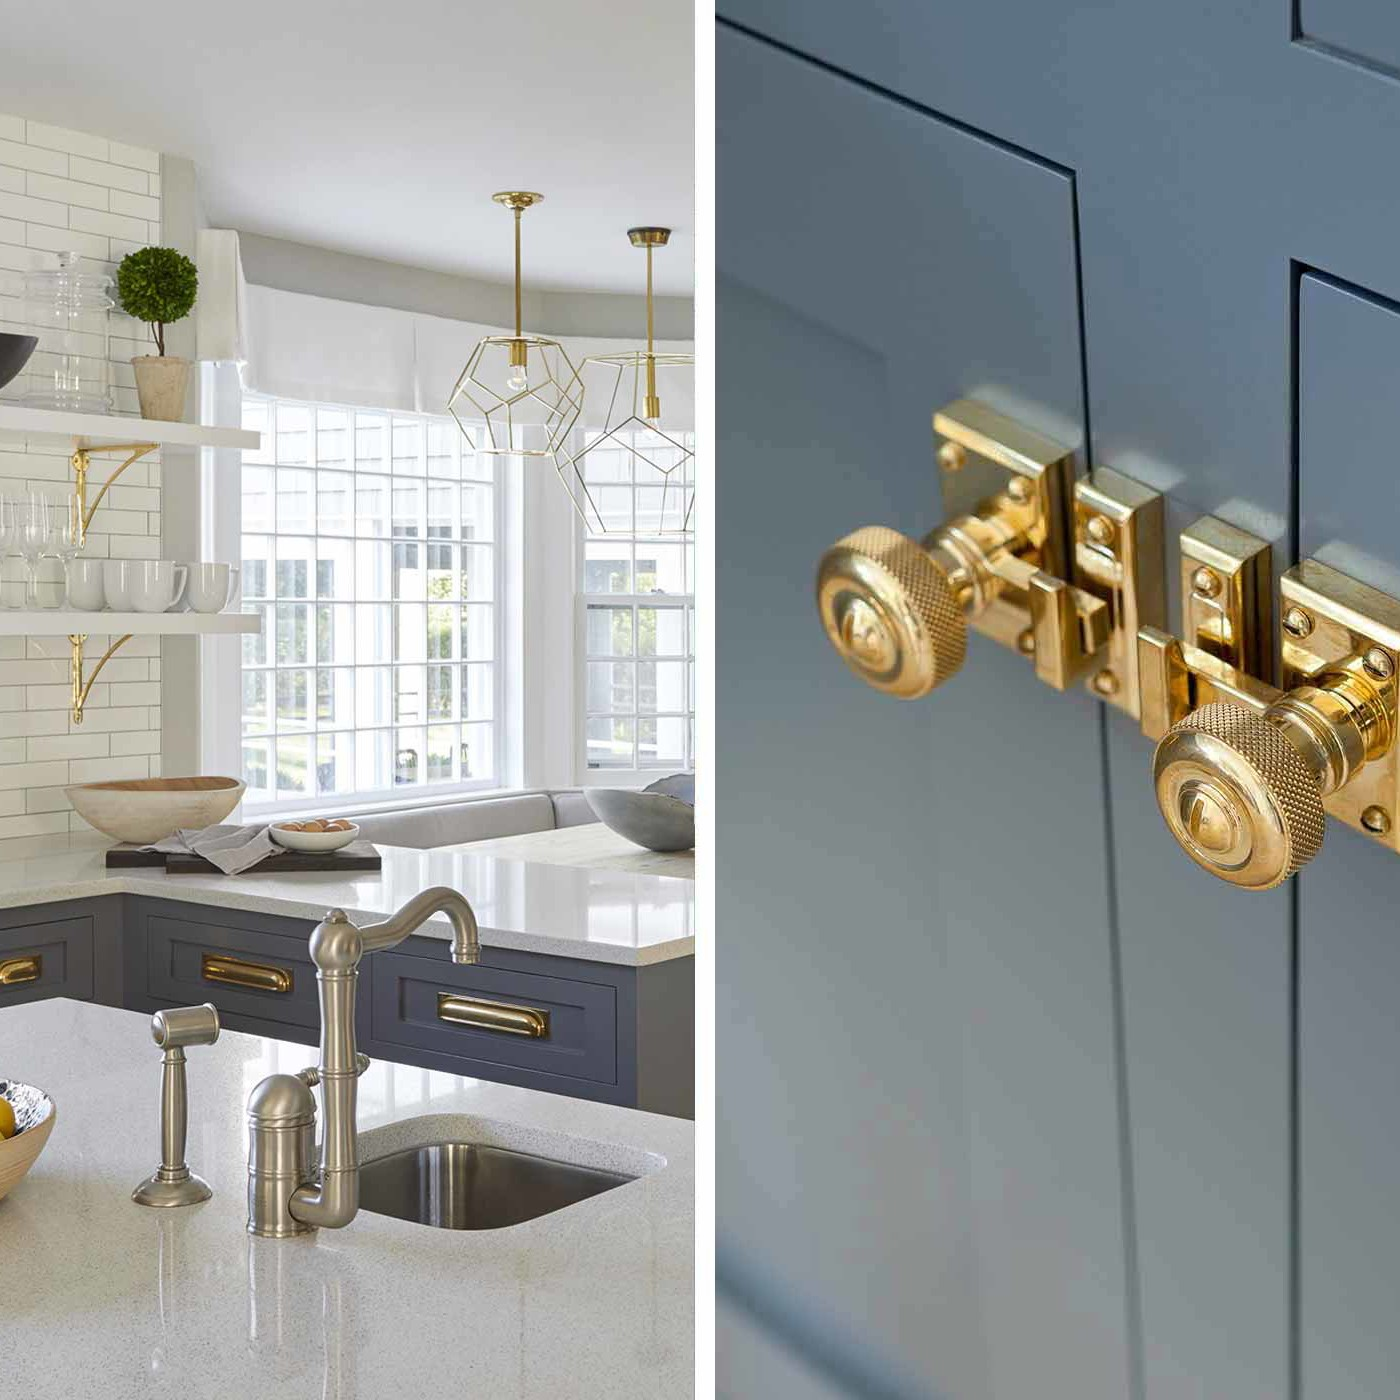 bridgehampton kitchen with brass hardware